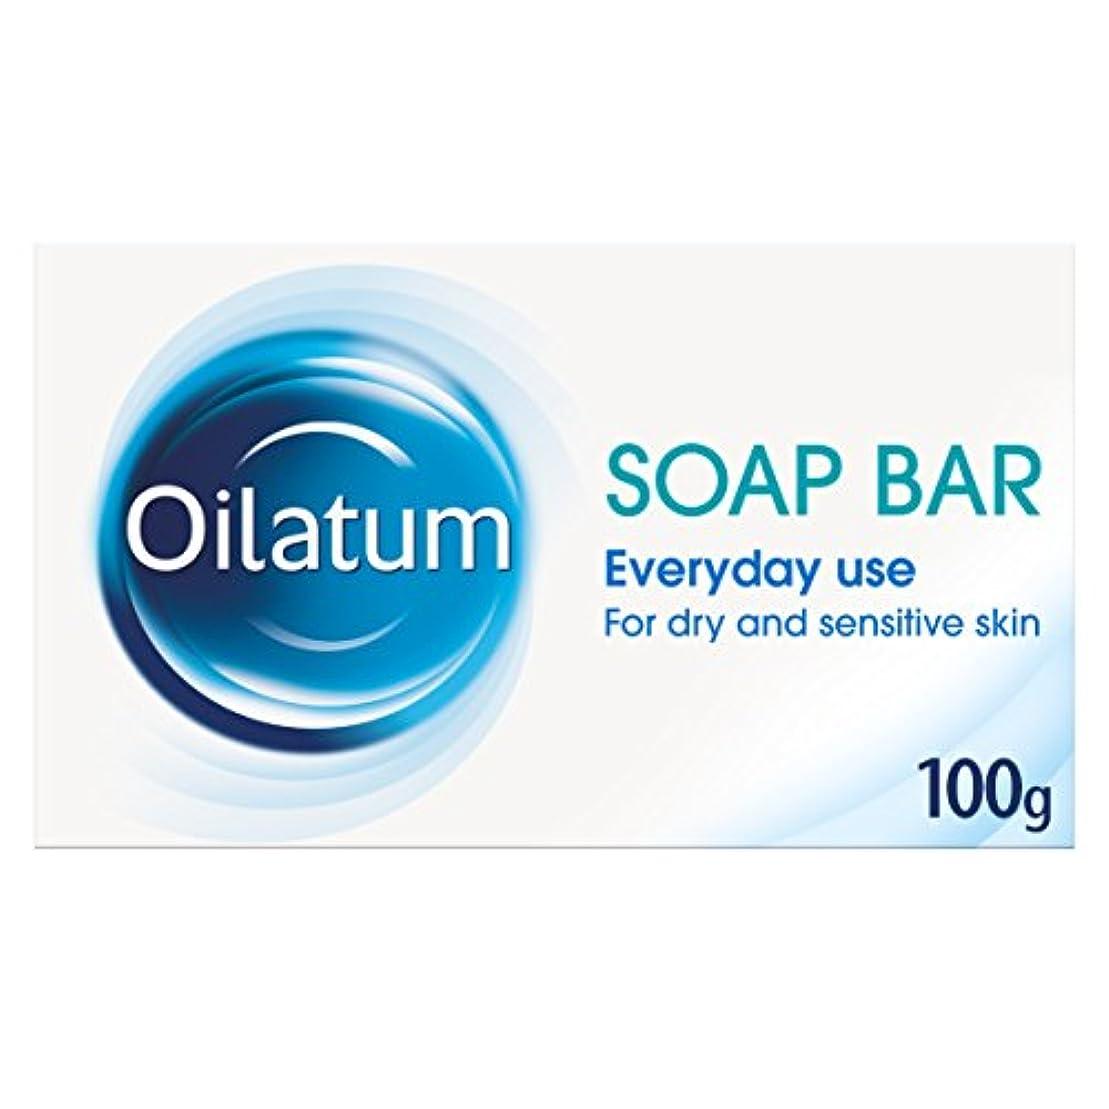 塊事務所ミスOilatum 100g Soap Bar for Dry Skin